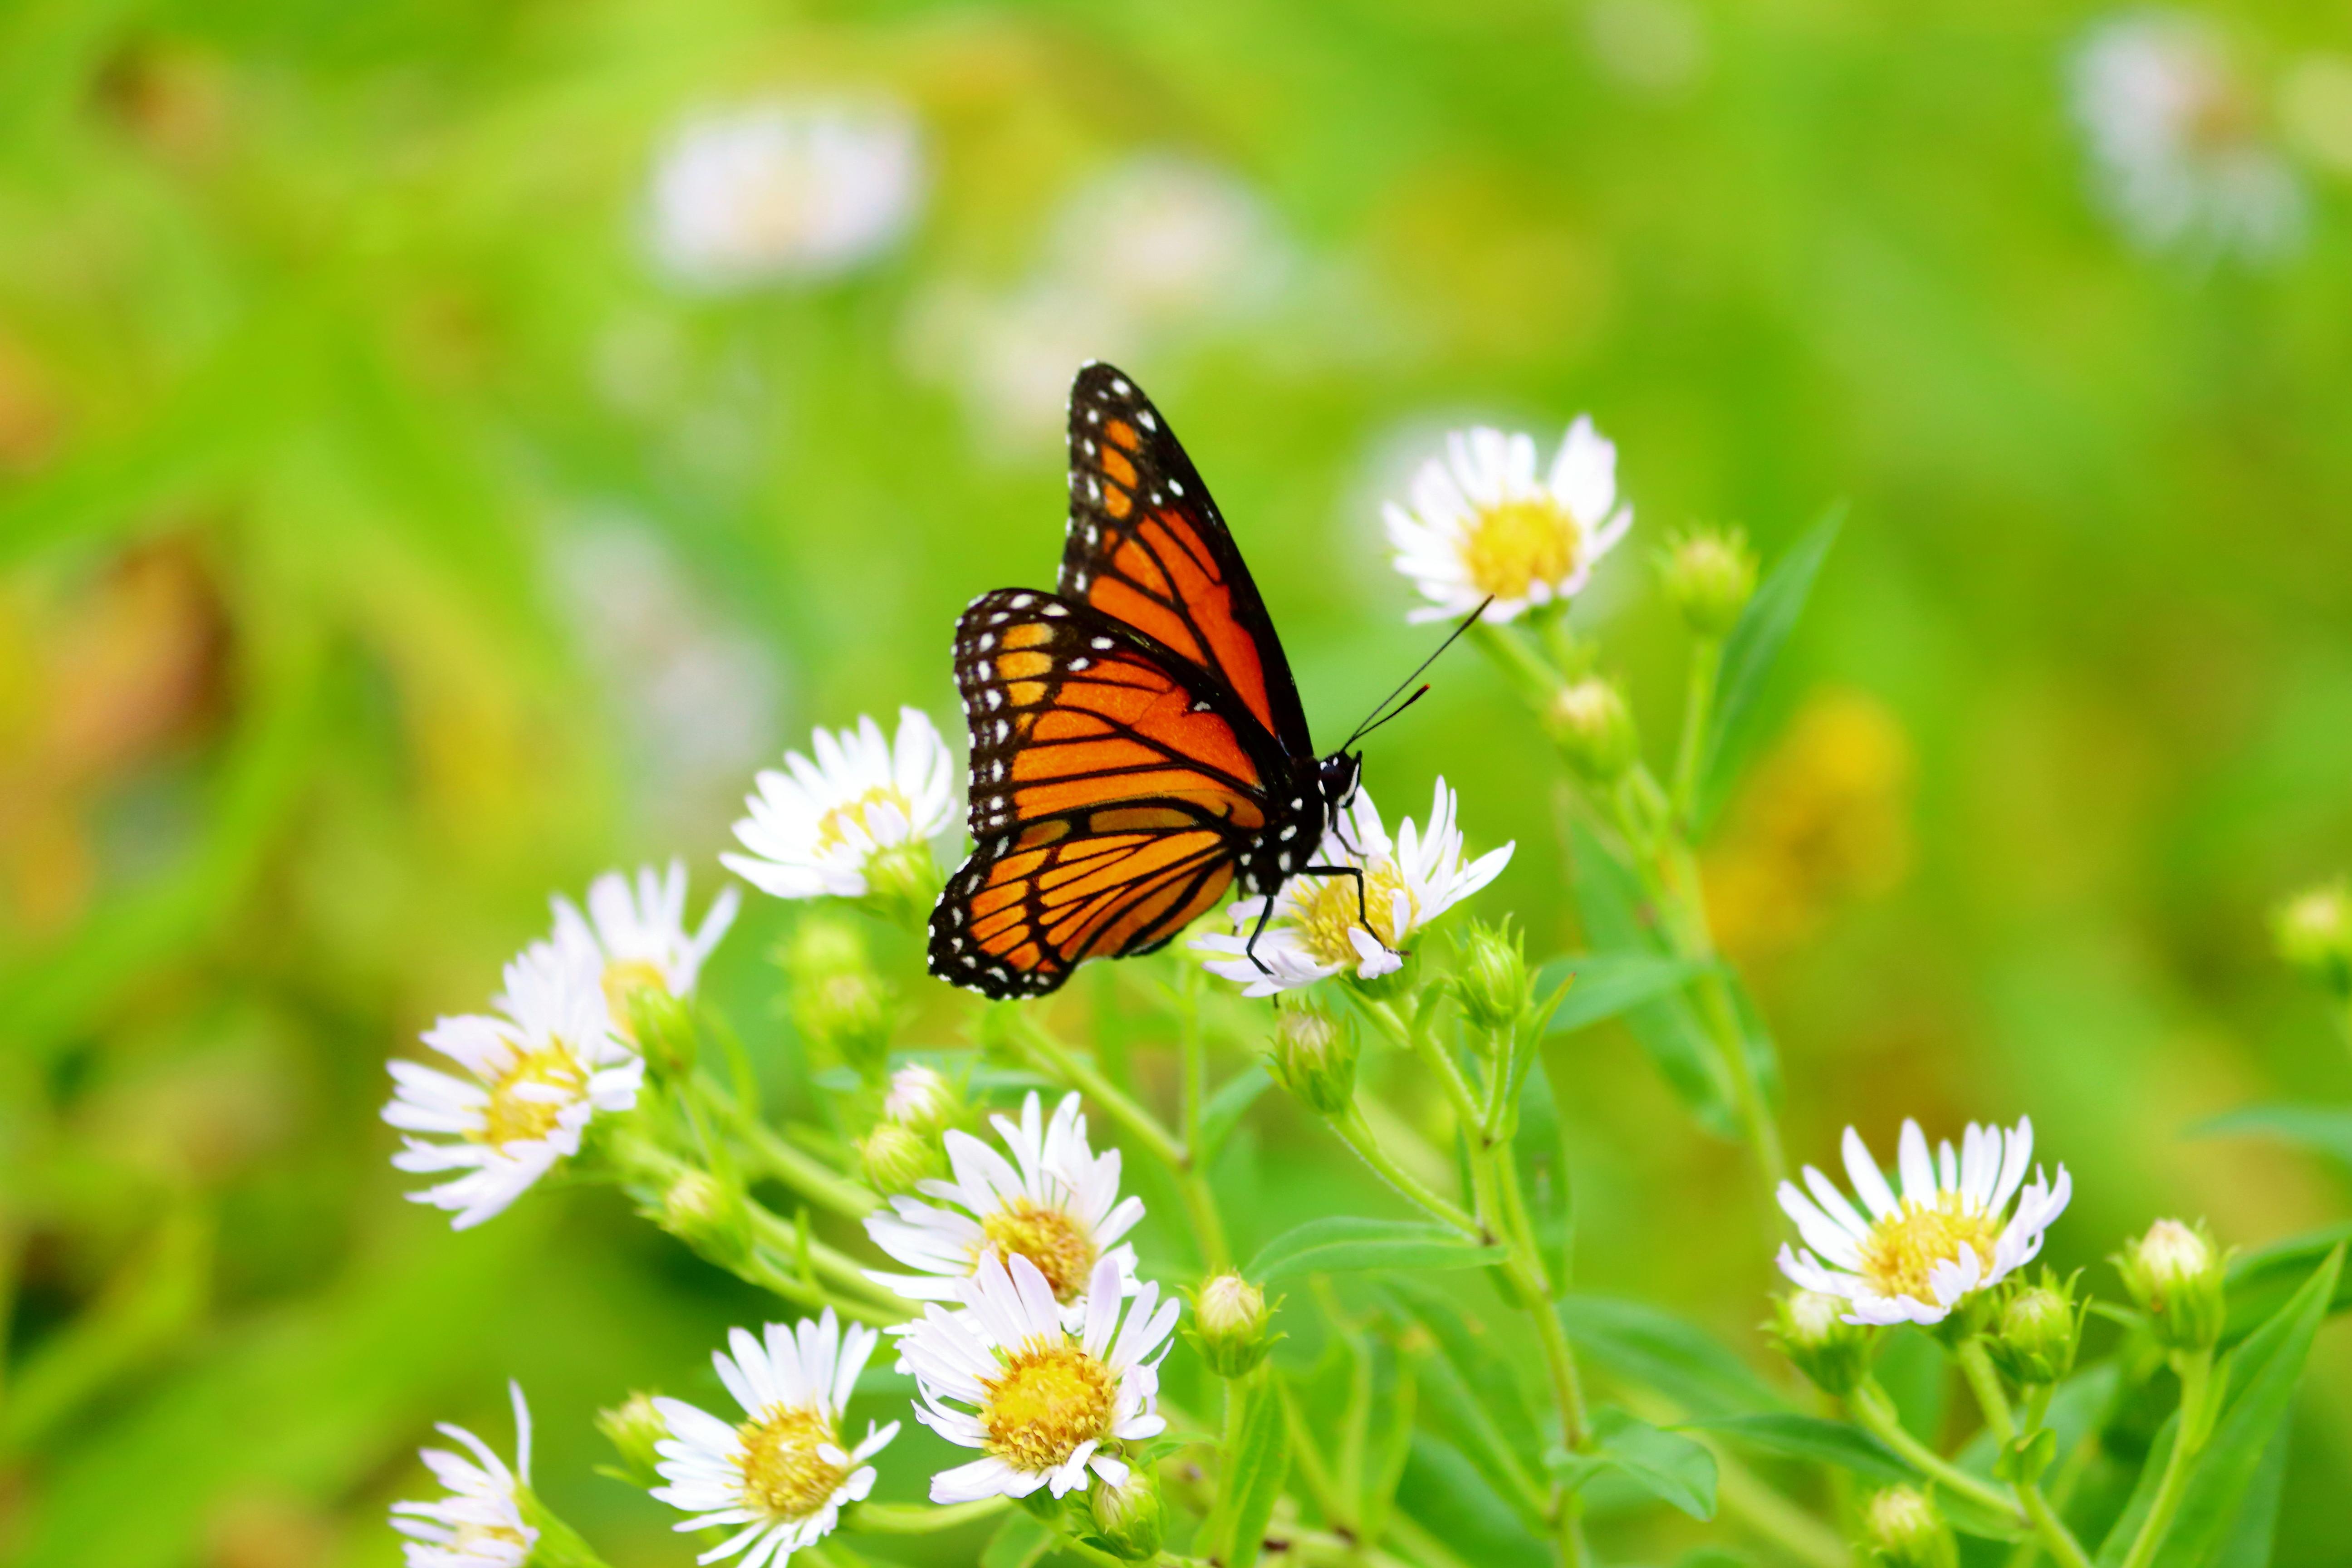 Mariposa en un flores blancas - 5184x3456